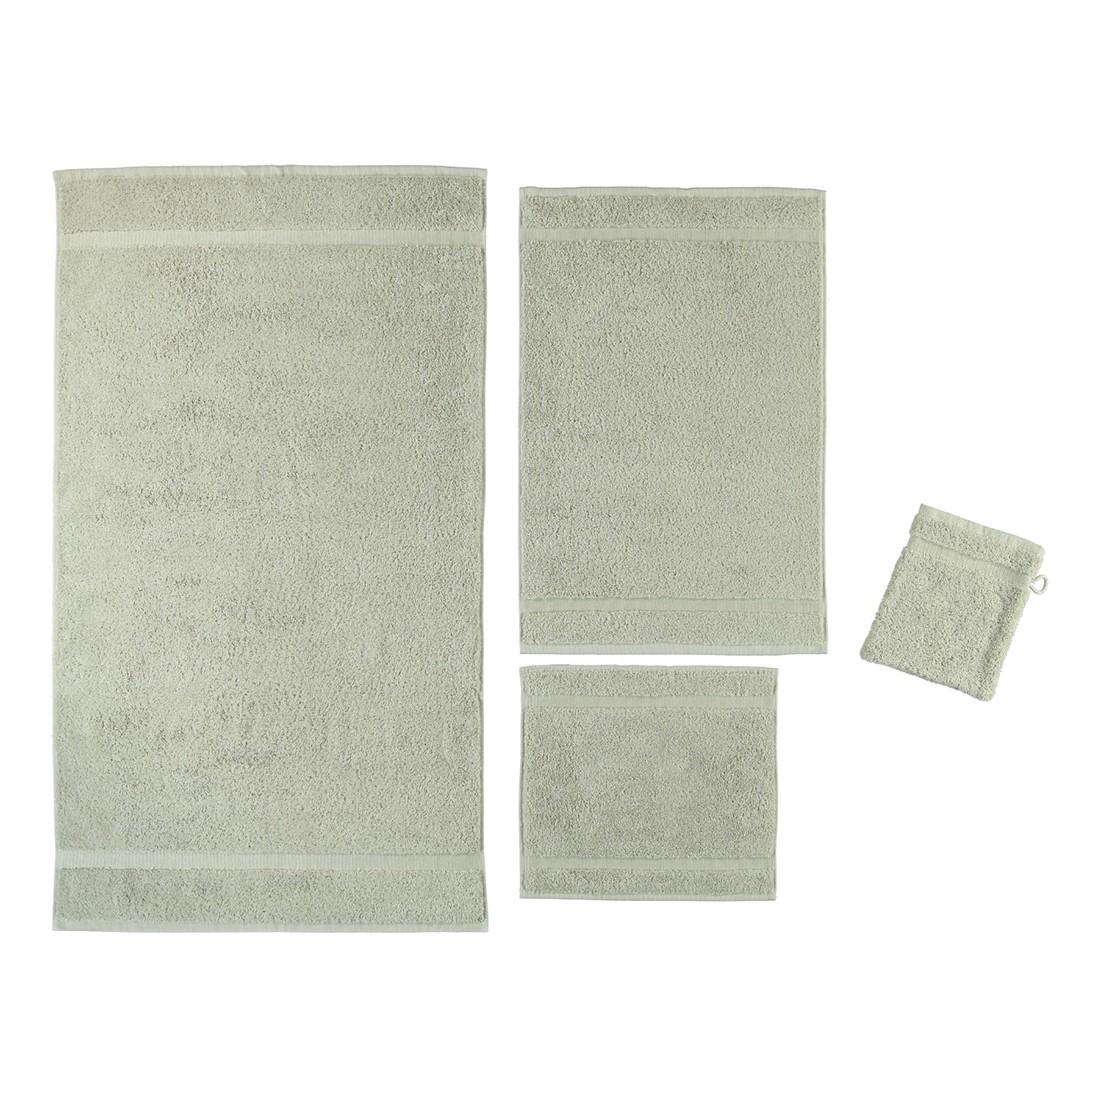 Handtuch Princess – 100% Baumwolle – Stone – 320 – Seiflappen: 30 x 30 cm, Rhomtuft günstig online kaufen